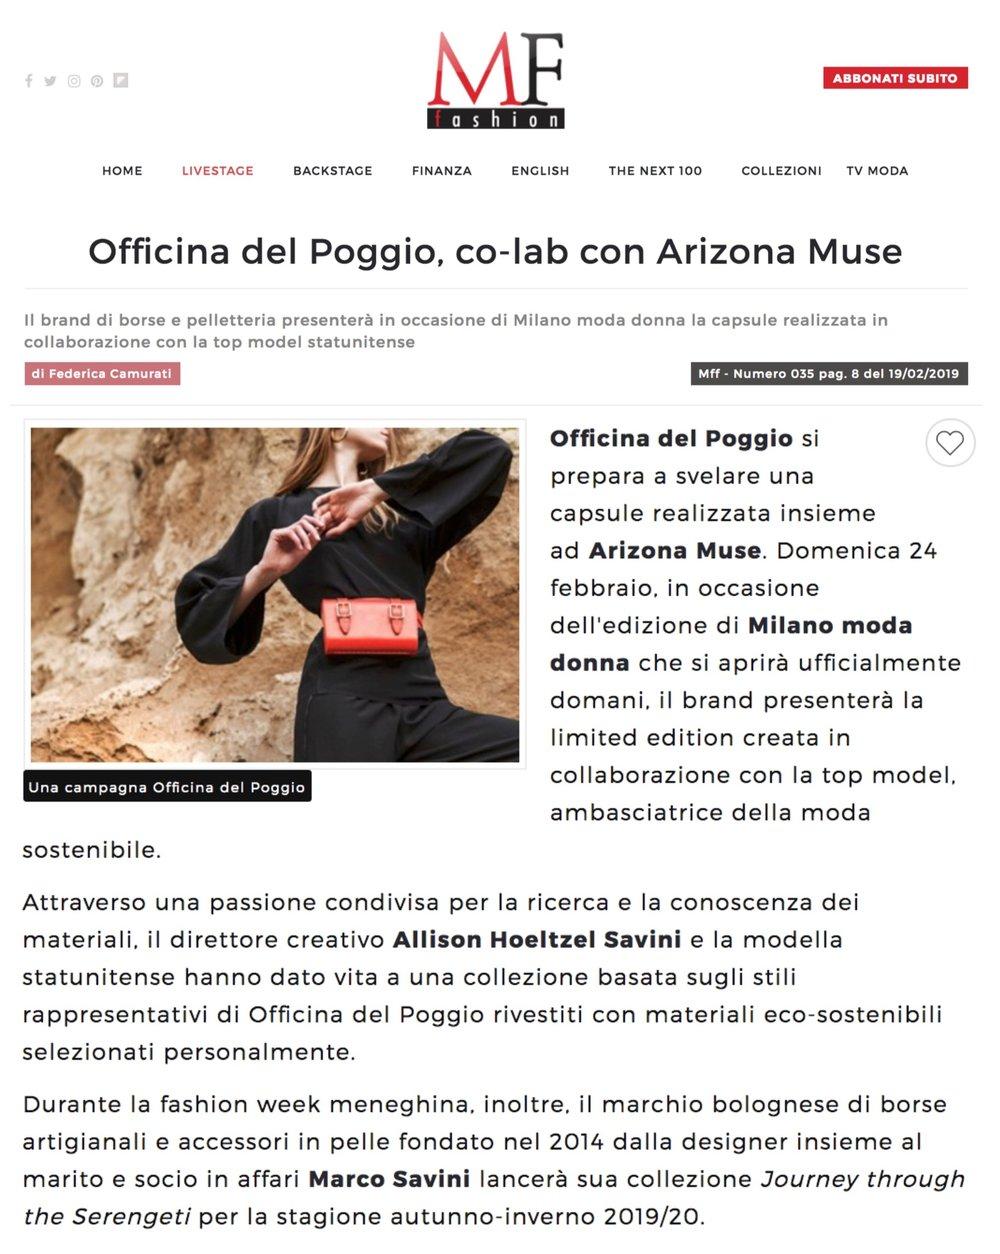 Milan_Finanza_Arizona_Muse_Officina_Del_Poggio